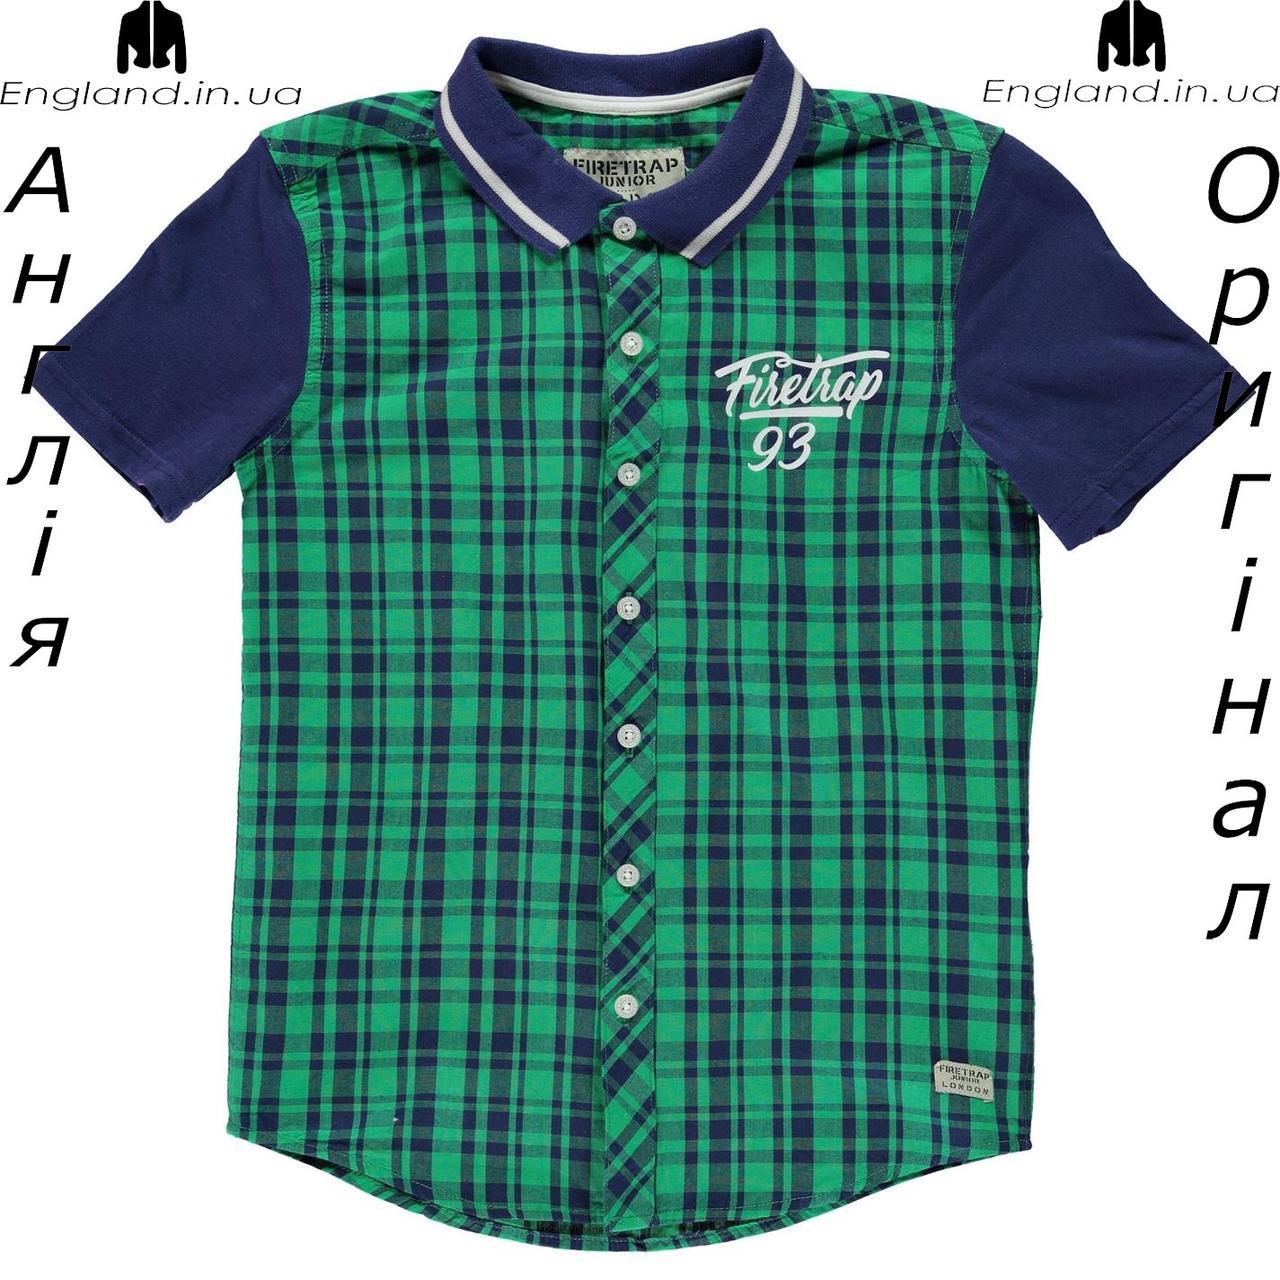 Рубашка Firetrap из Англии для мальчиков 2-14 лет - в клетку